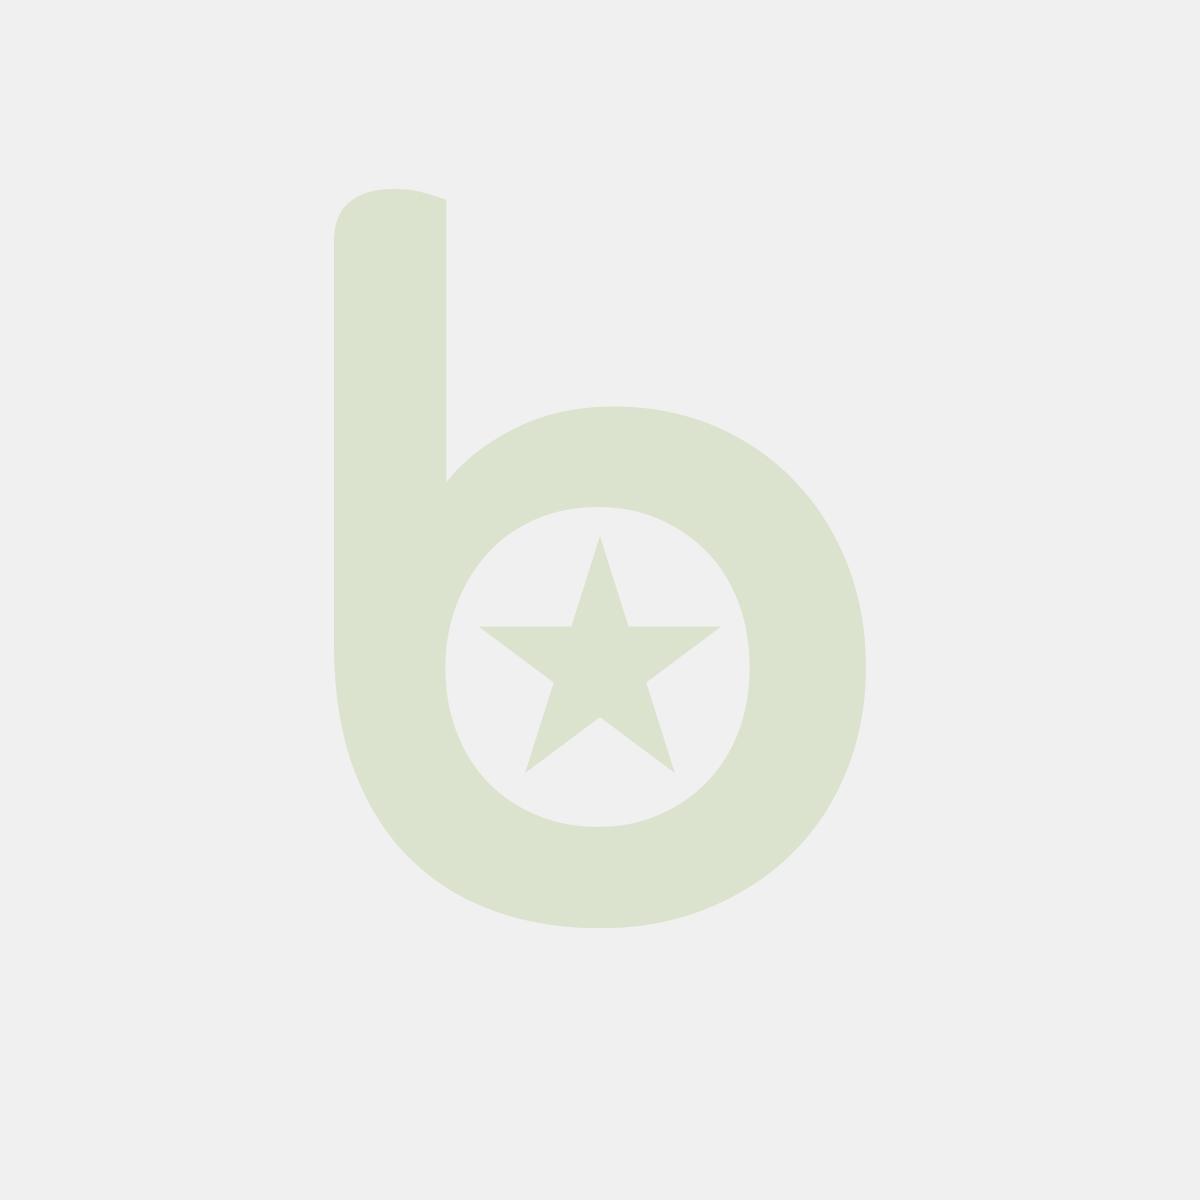 Serwetki PAPSTAR Royal Collection 40x40 Blossom opakowanie 50szt